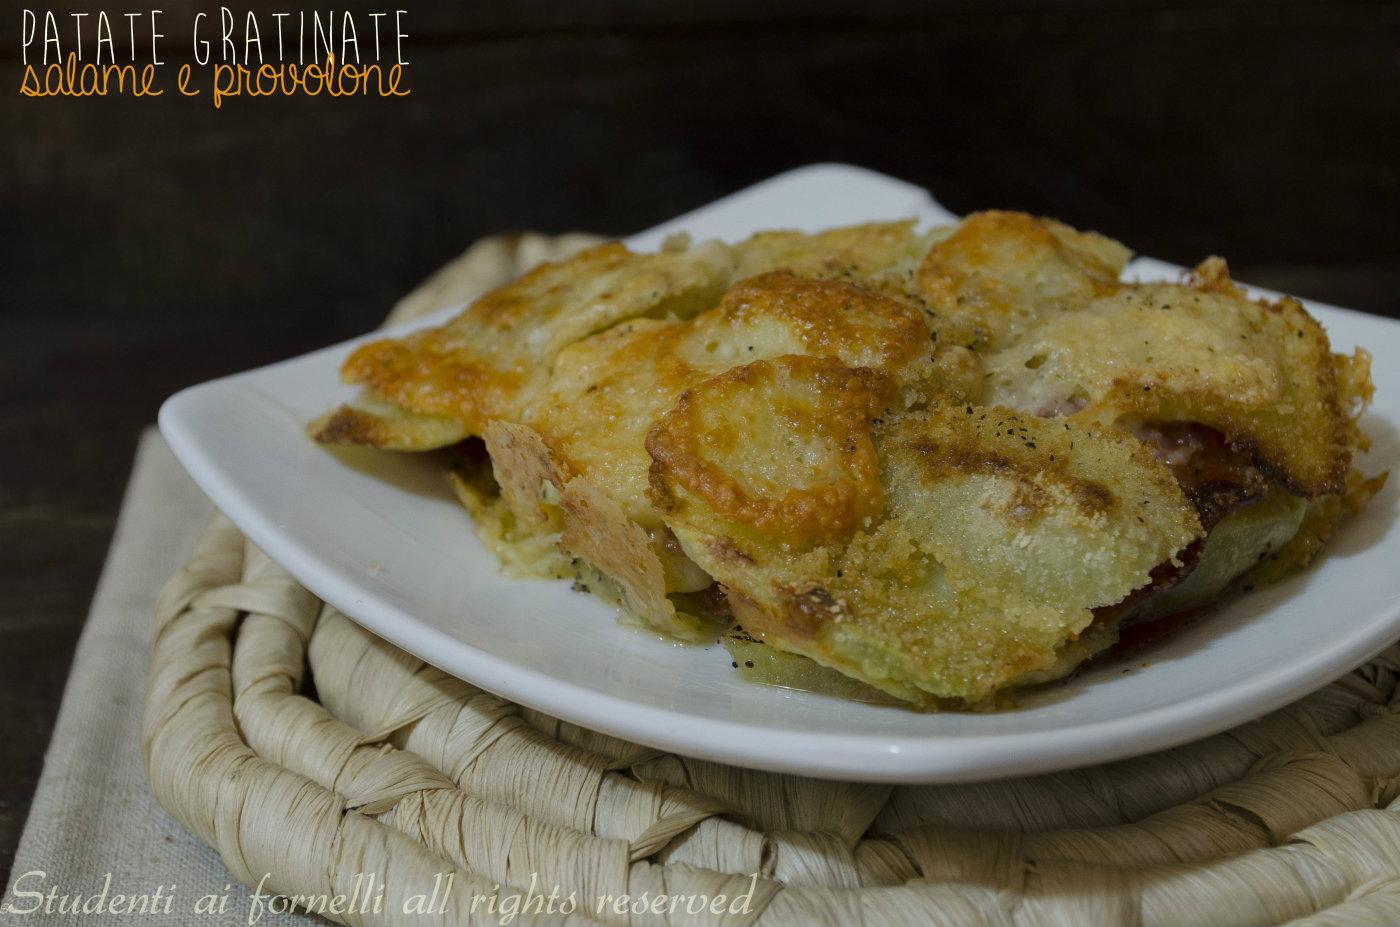 patate gratinate salame e provolone al forno ricetta tortino di patate al forno